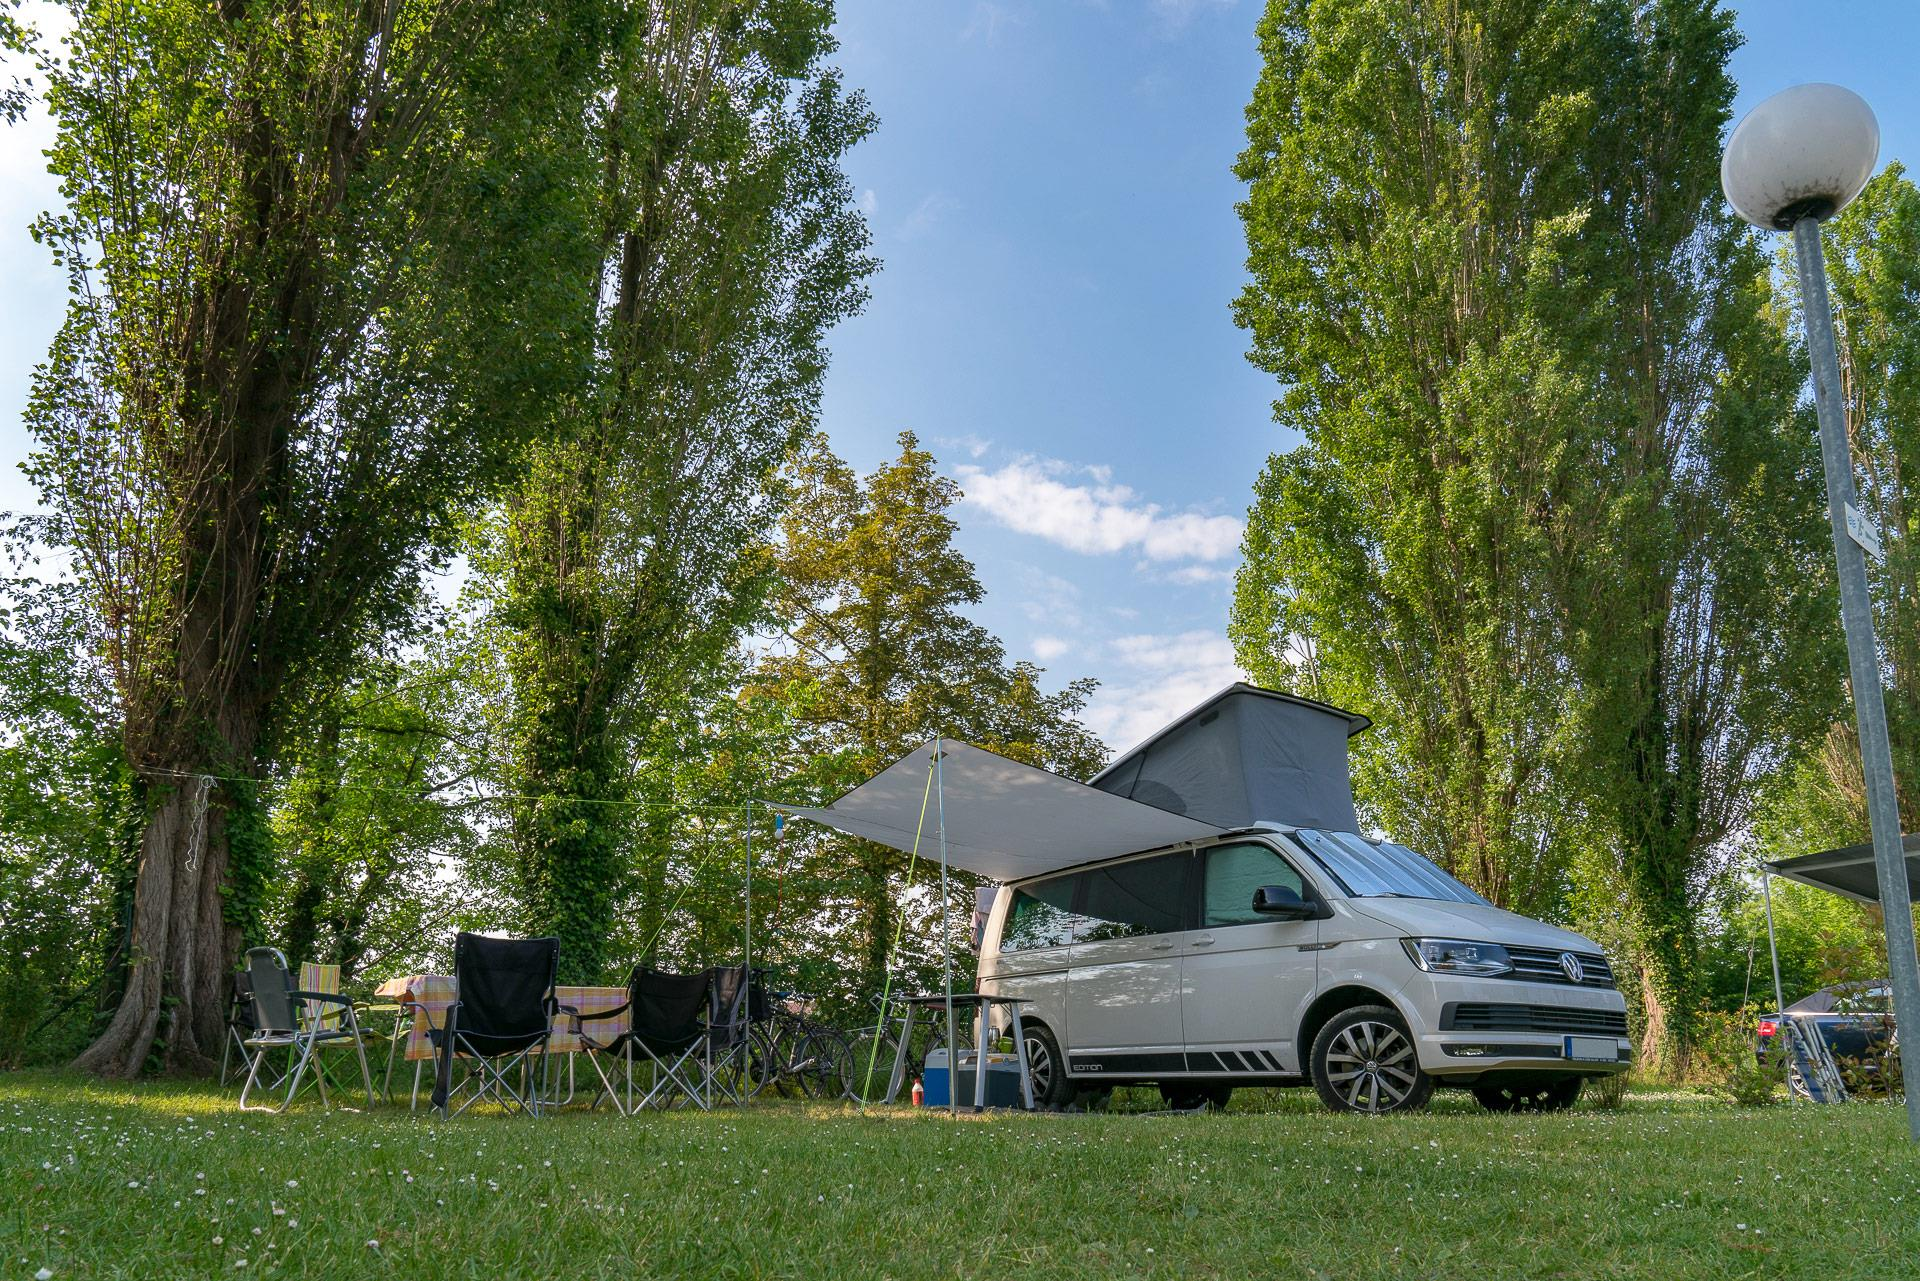 Emplacement - Forfait ** - Camping Sandaya Paris Maisons-Laffitte